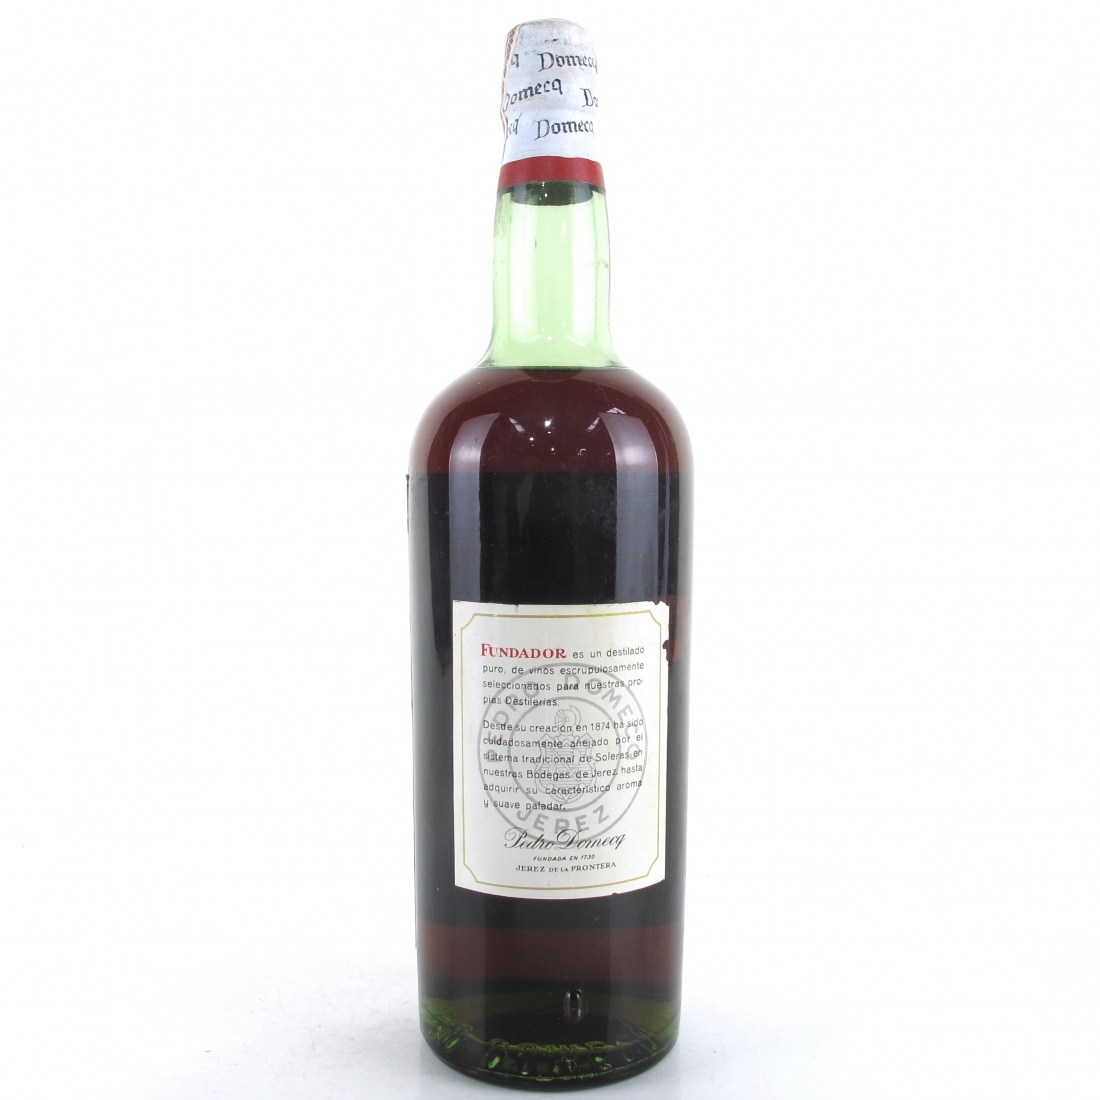 Fundador Pedro Domecq Brandy 1 Litre